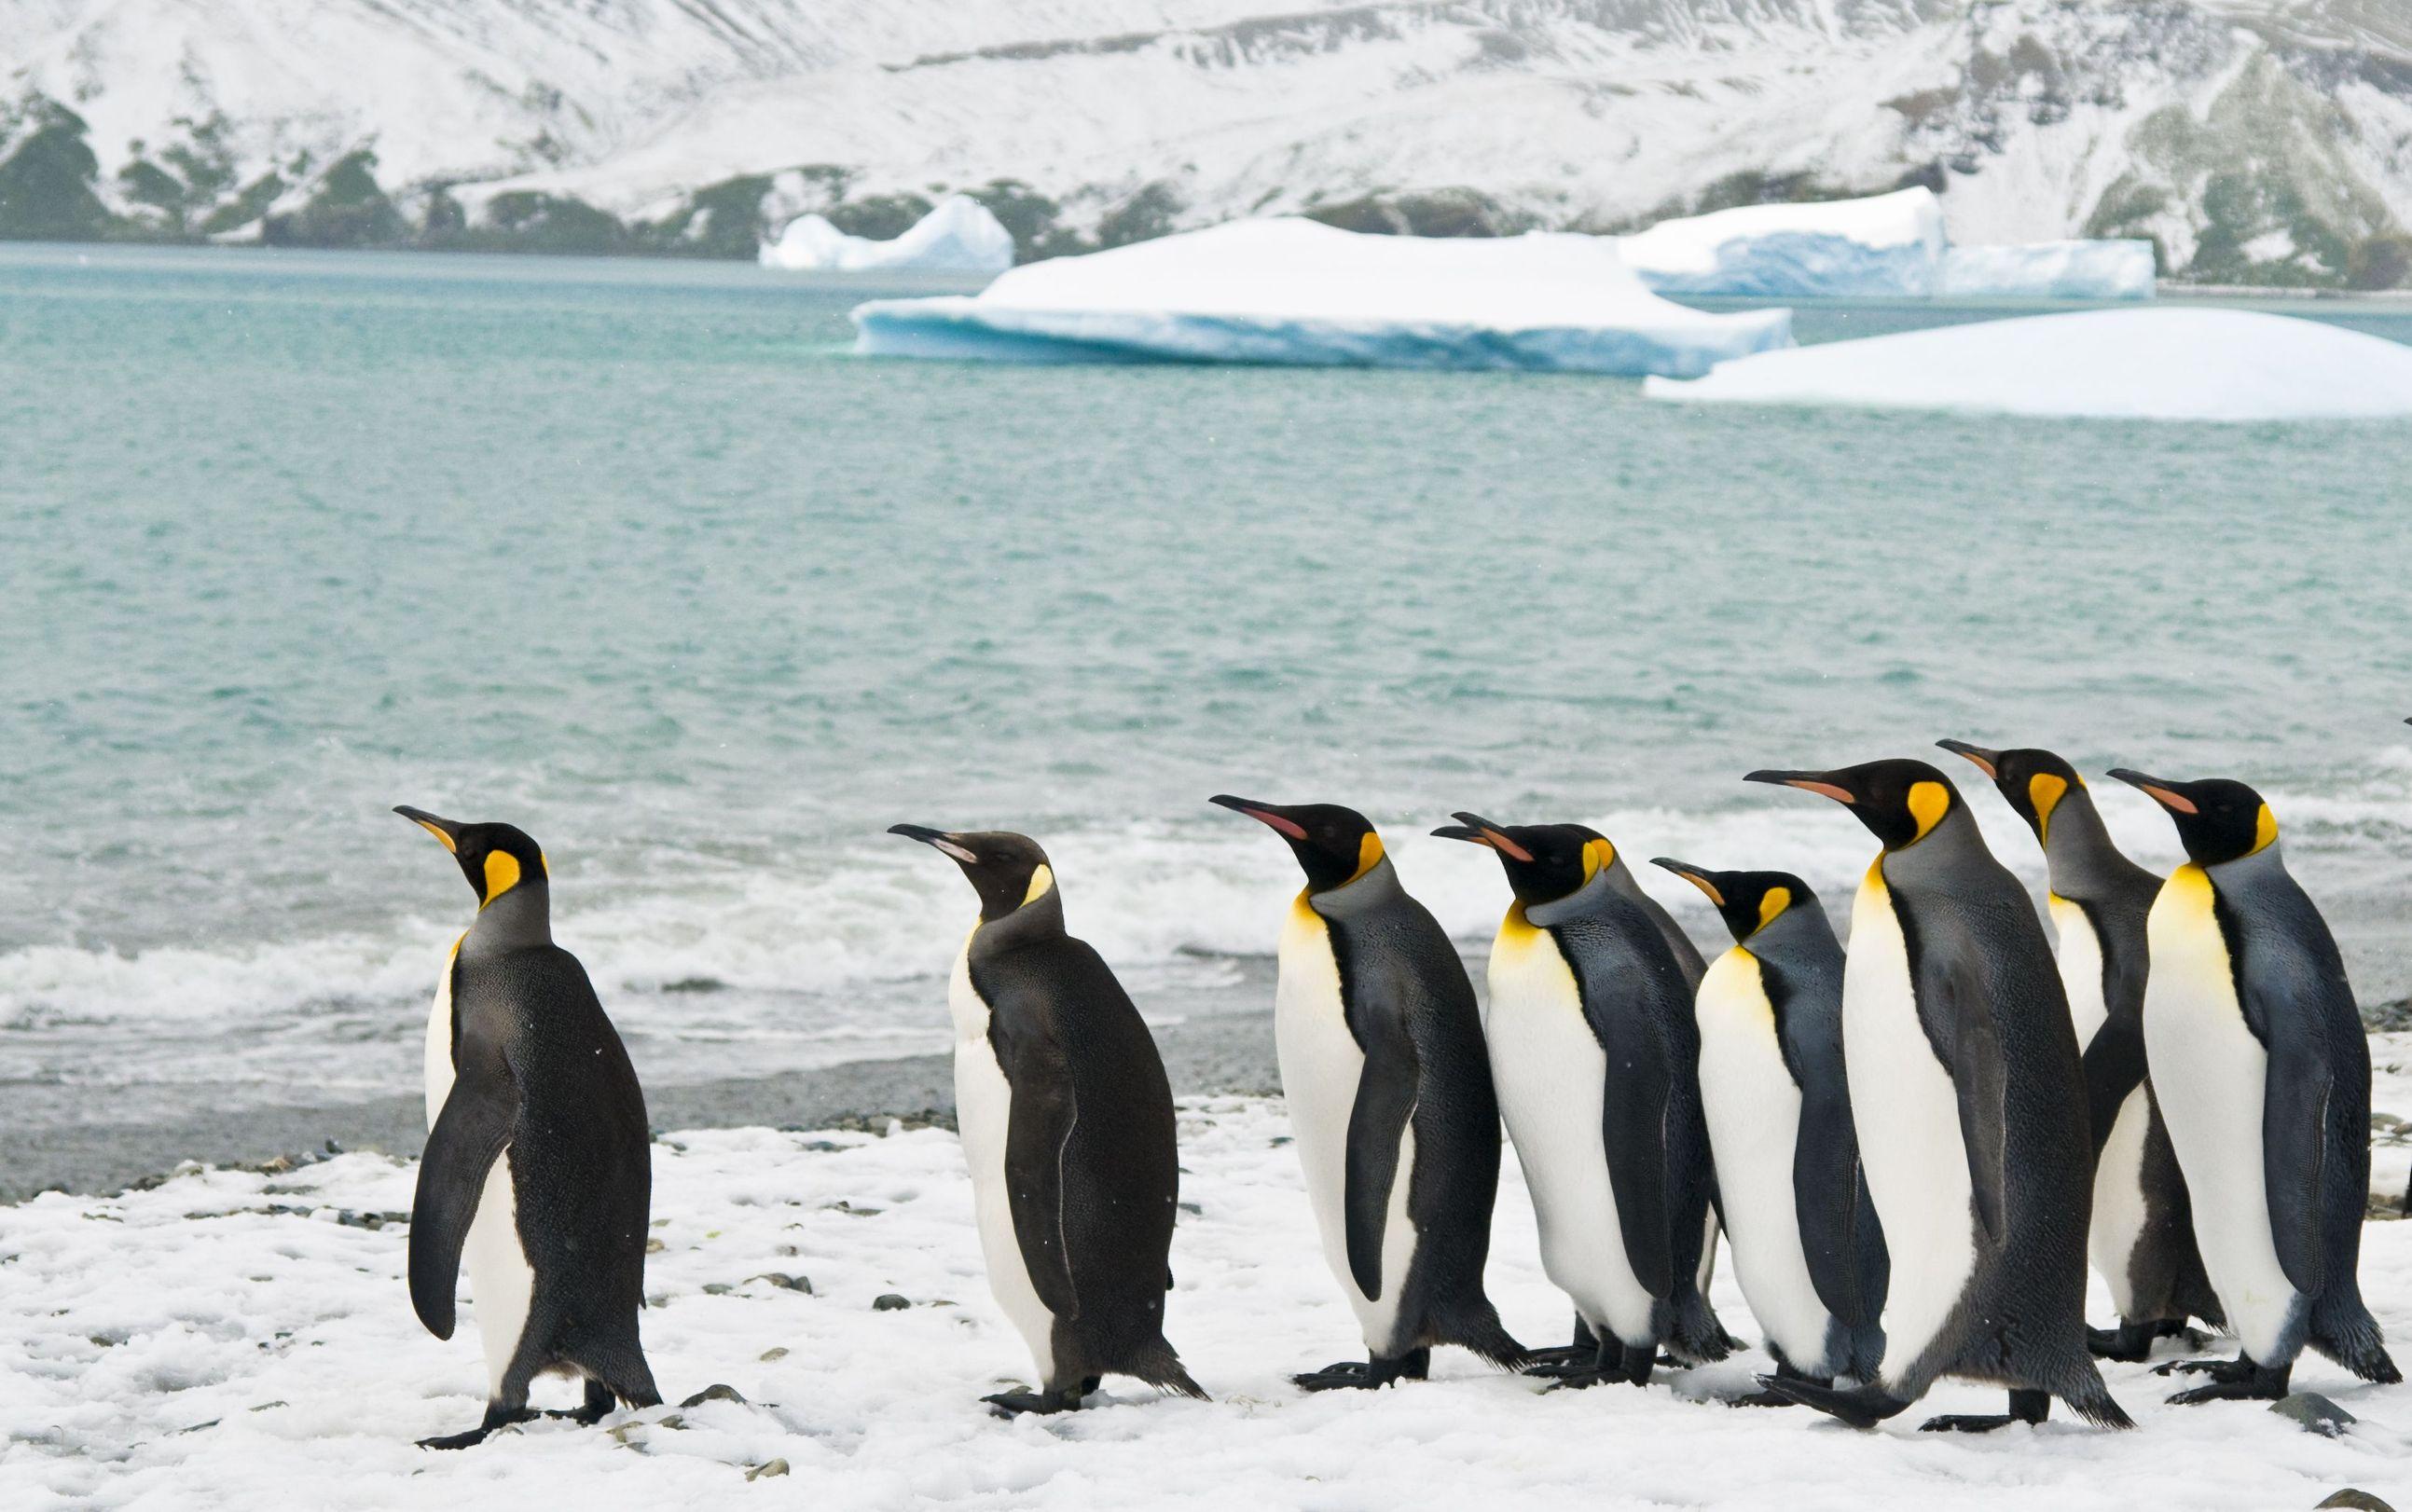 new zealand penguins and iceberg 123rf